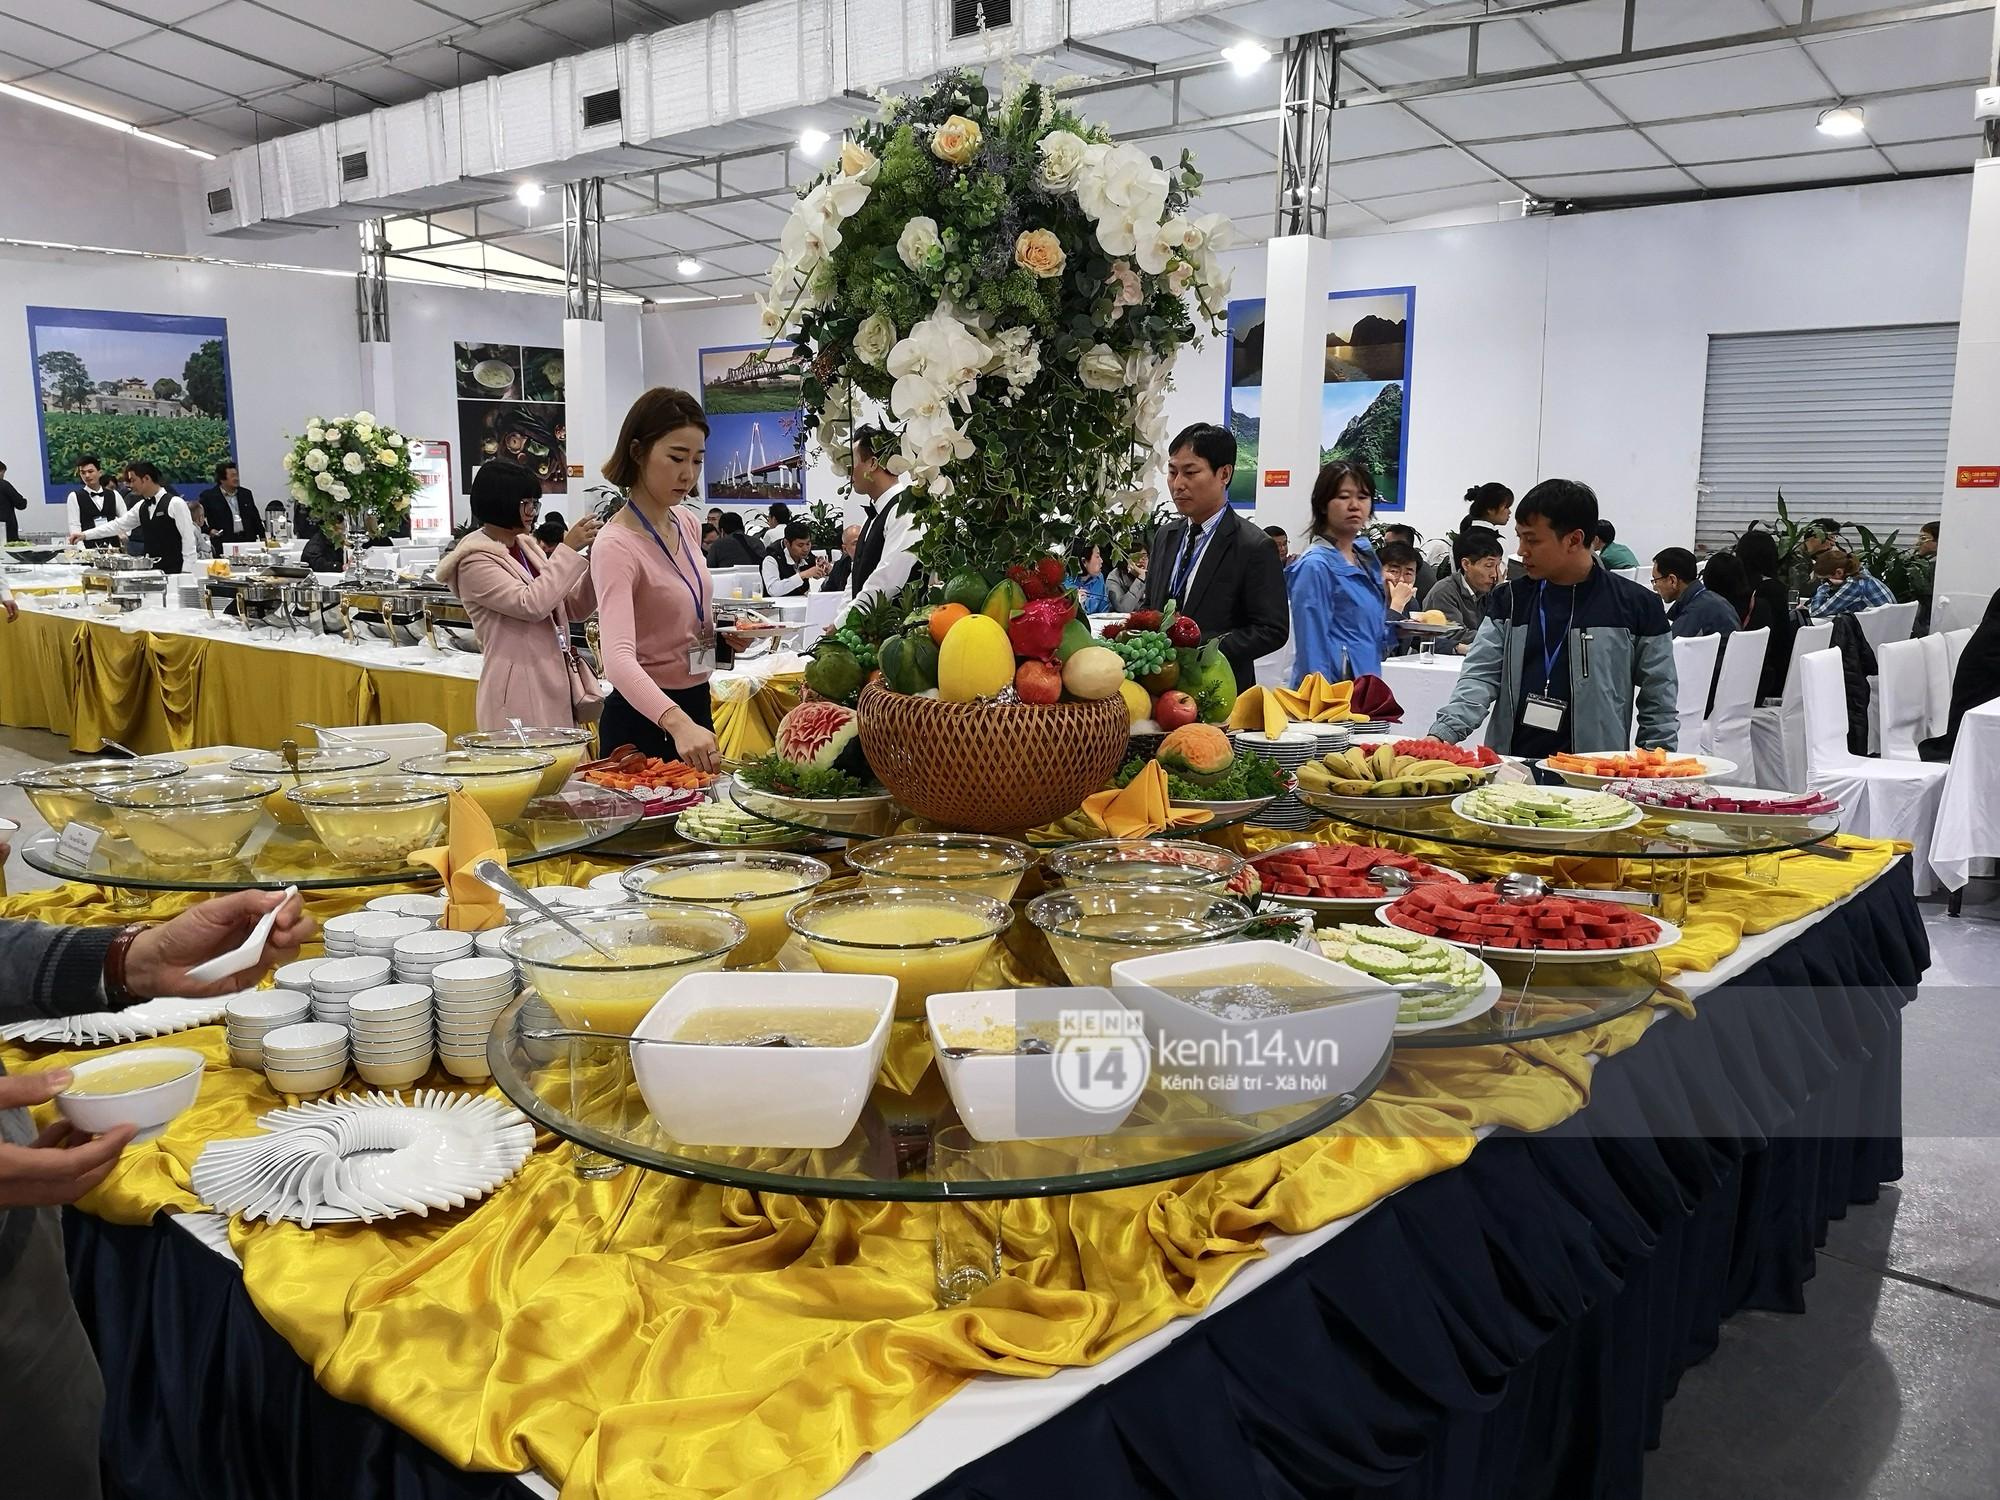 Phóng viên các nước hào hứng khi được thưởng thức ẩm thực nổi tiếng Hà thành tại trung tâm báo chí quốc tế hội nghị thượng đỉnh Mỹ - Triều - Ảnh 2.